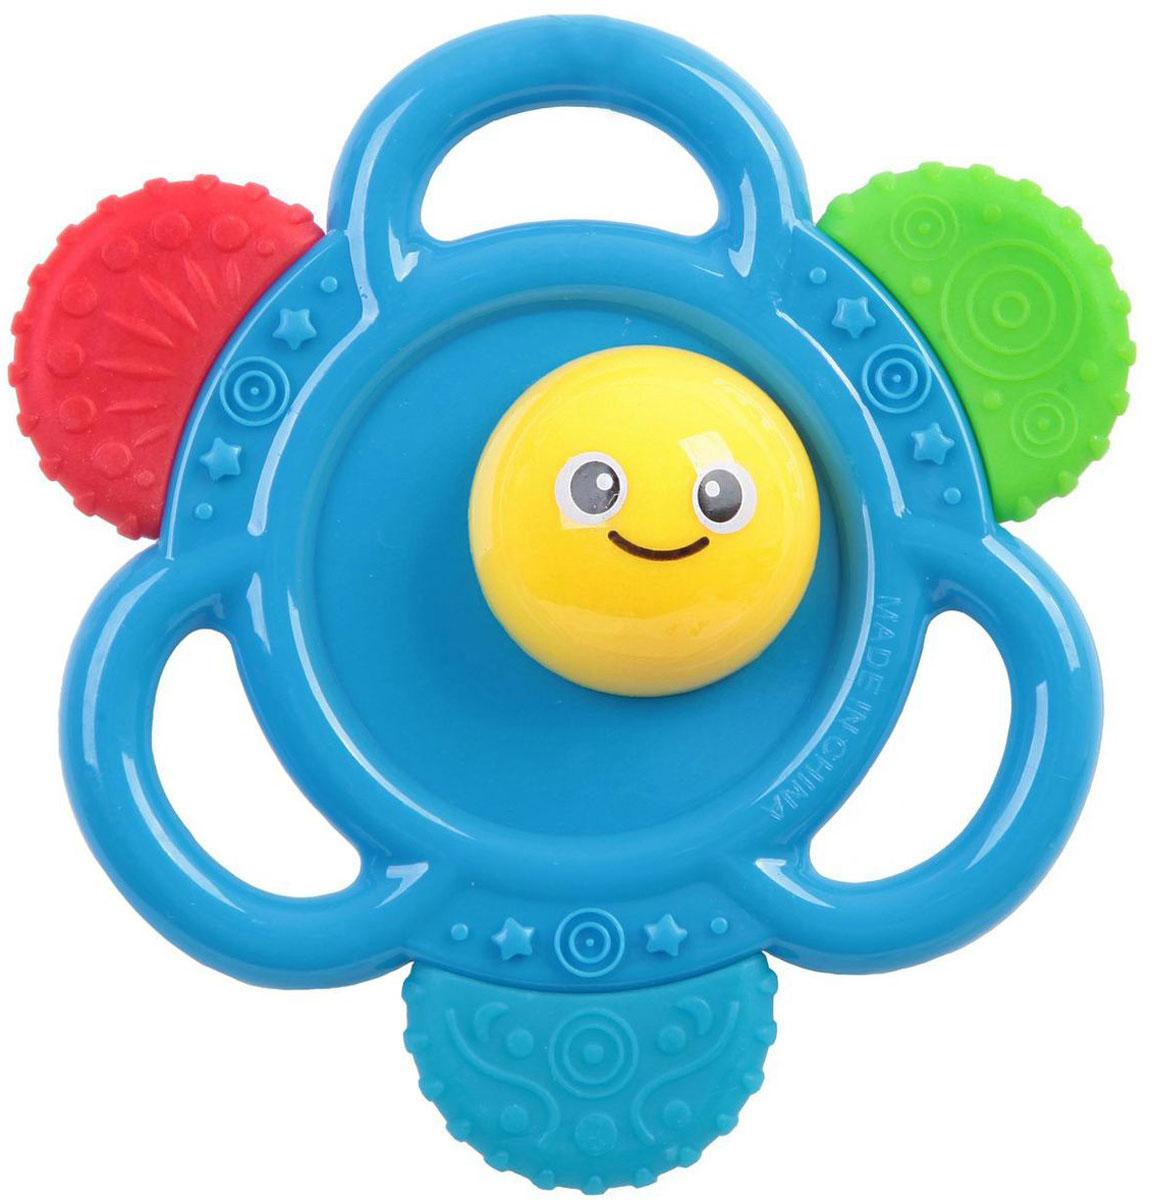 Bondibon Погремушка ЦветокВВ1479Погремушка Bondibon Цветок сможет развлечь ребенка дома, на прогулке, в поездке или гостях. Она изготовлена из прочного пластика и выполнена в виде голубого цветочка с небольшими удобными кольцами-держателями. Прорезыватели, находящиеся на поверхности погремушки, предназначены для легкого массажа десен в период, когда режутся зубки. Погремушка специально разработана с учетом особенностей строения ручек малыша и не будет скользить. Яркие цвета и звуки, которые издает игрушка, развивают слуховое и зрительное восприятия, пространственное мышление и тактильные ощущения.